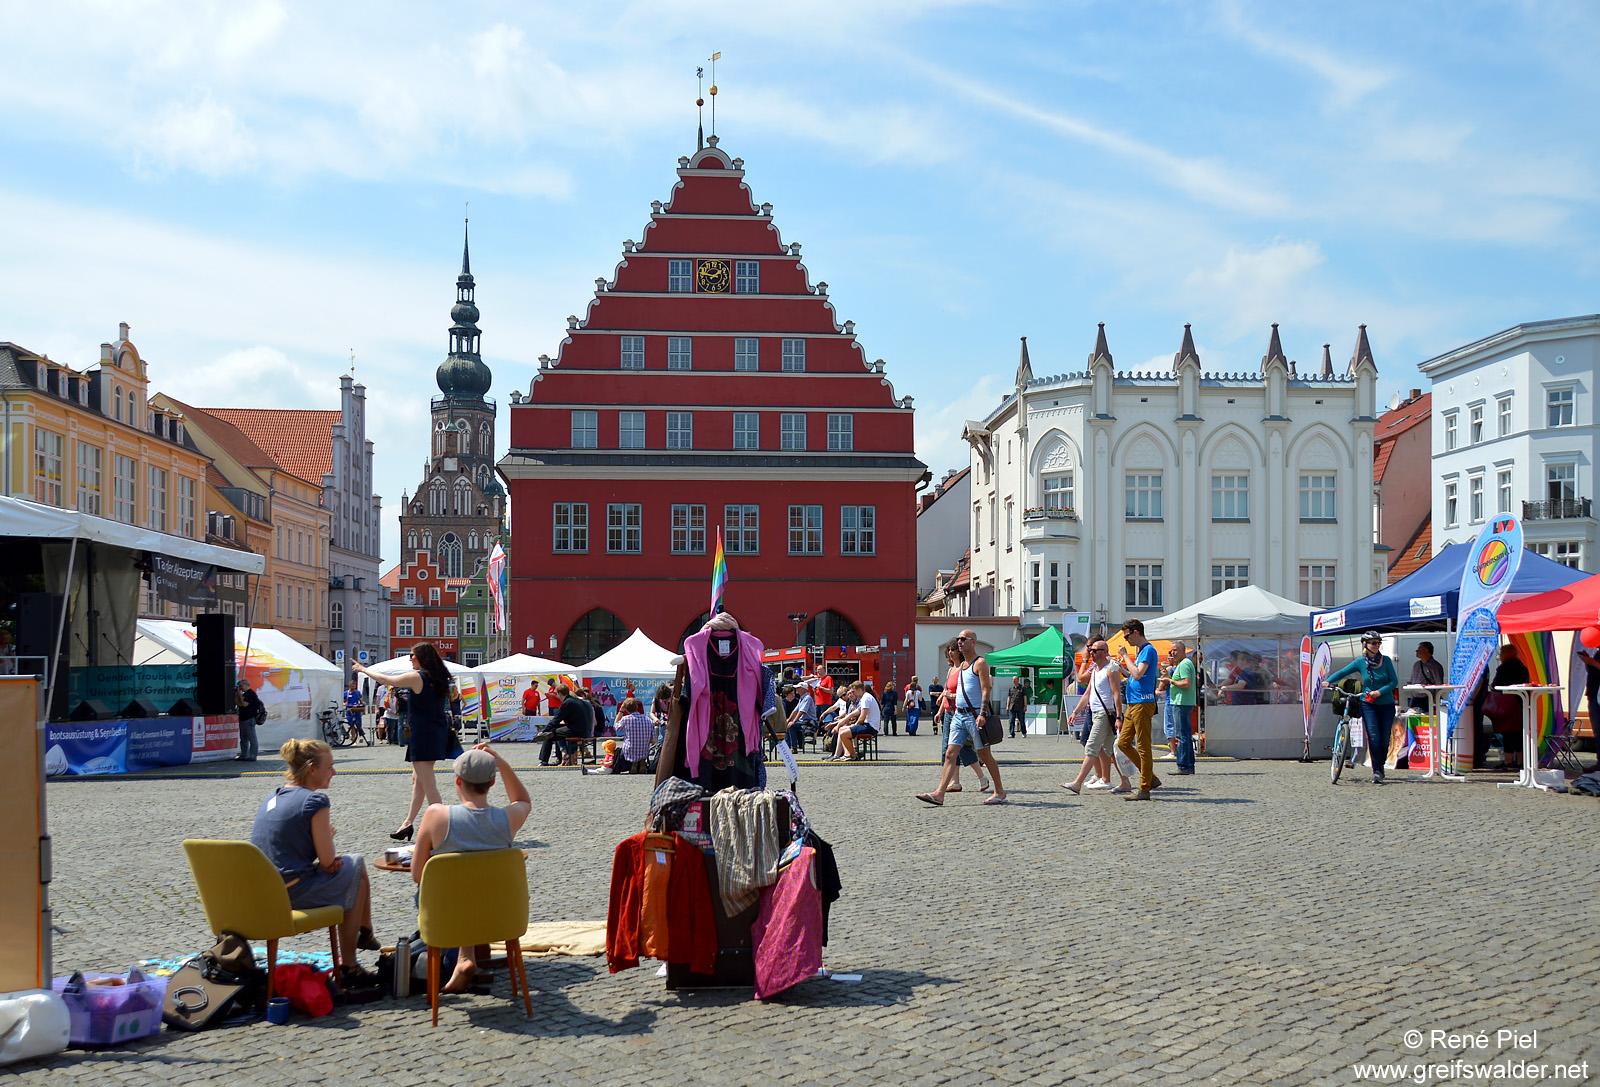 Buntes Treiben auf dem Marktplatz in Greifswald